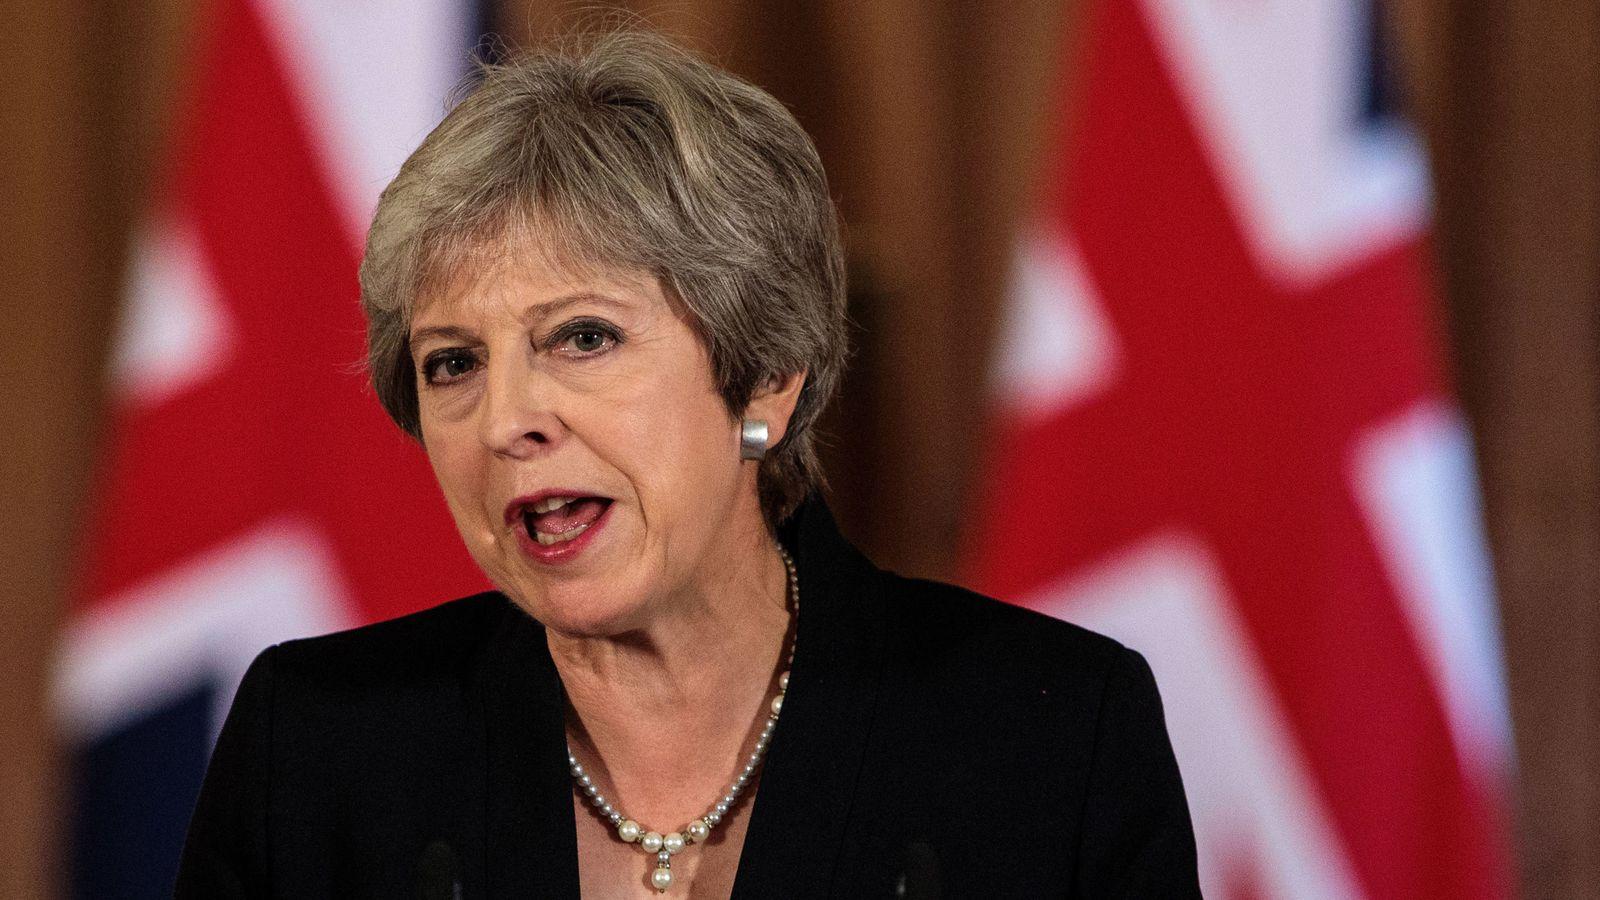 Iran, trade and Salisbury on agenda as Theresa May visits UN General Assembly